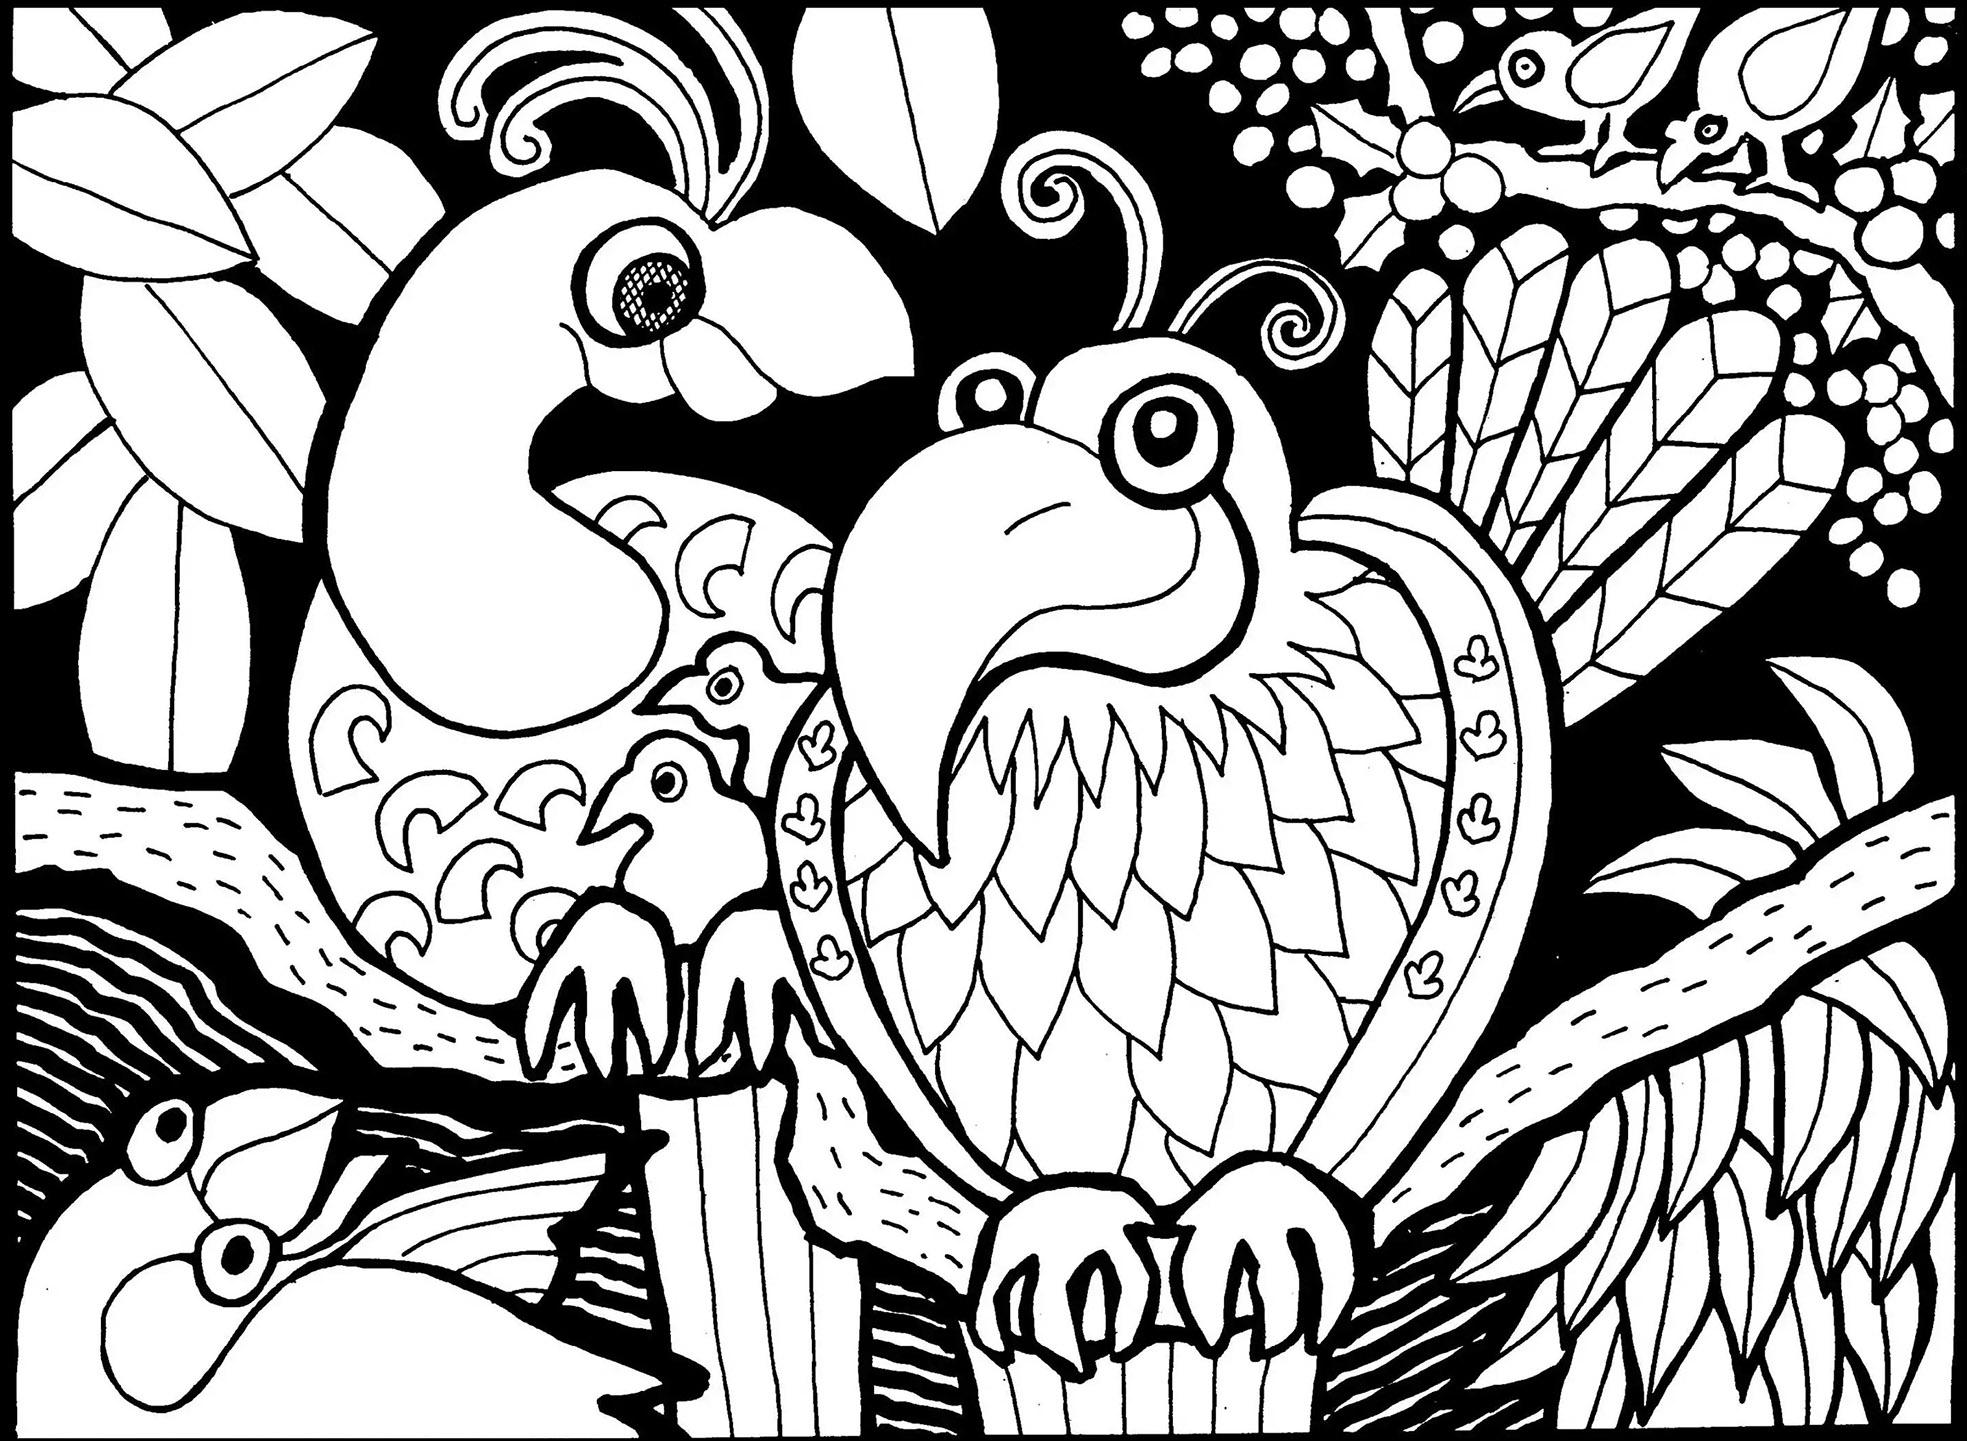 Vogel 97906 - Vögel - Malbuch Fur Erwachsene